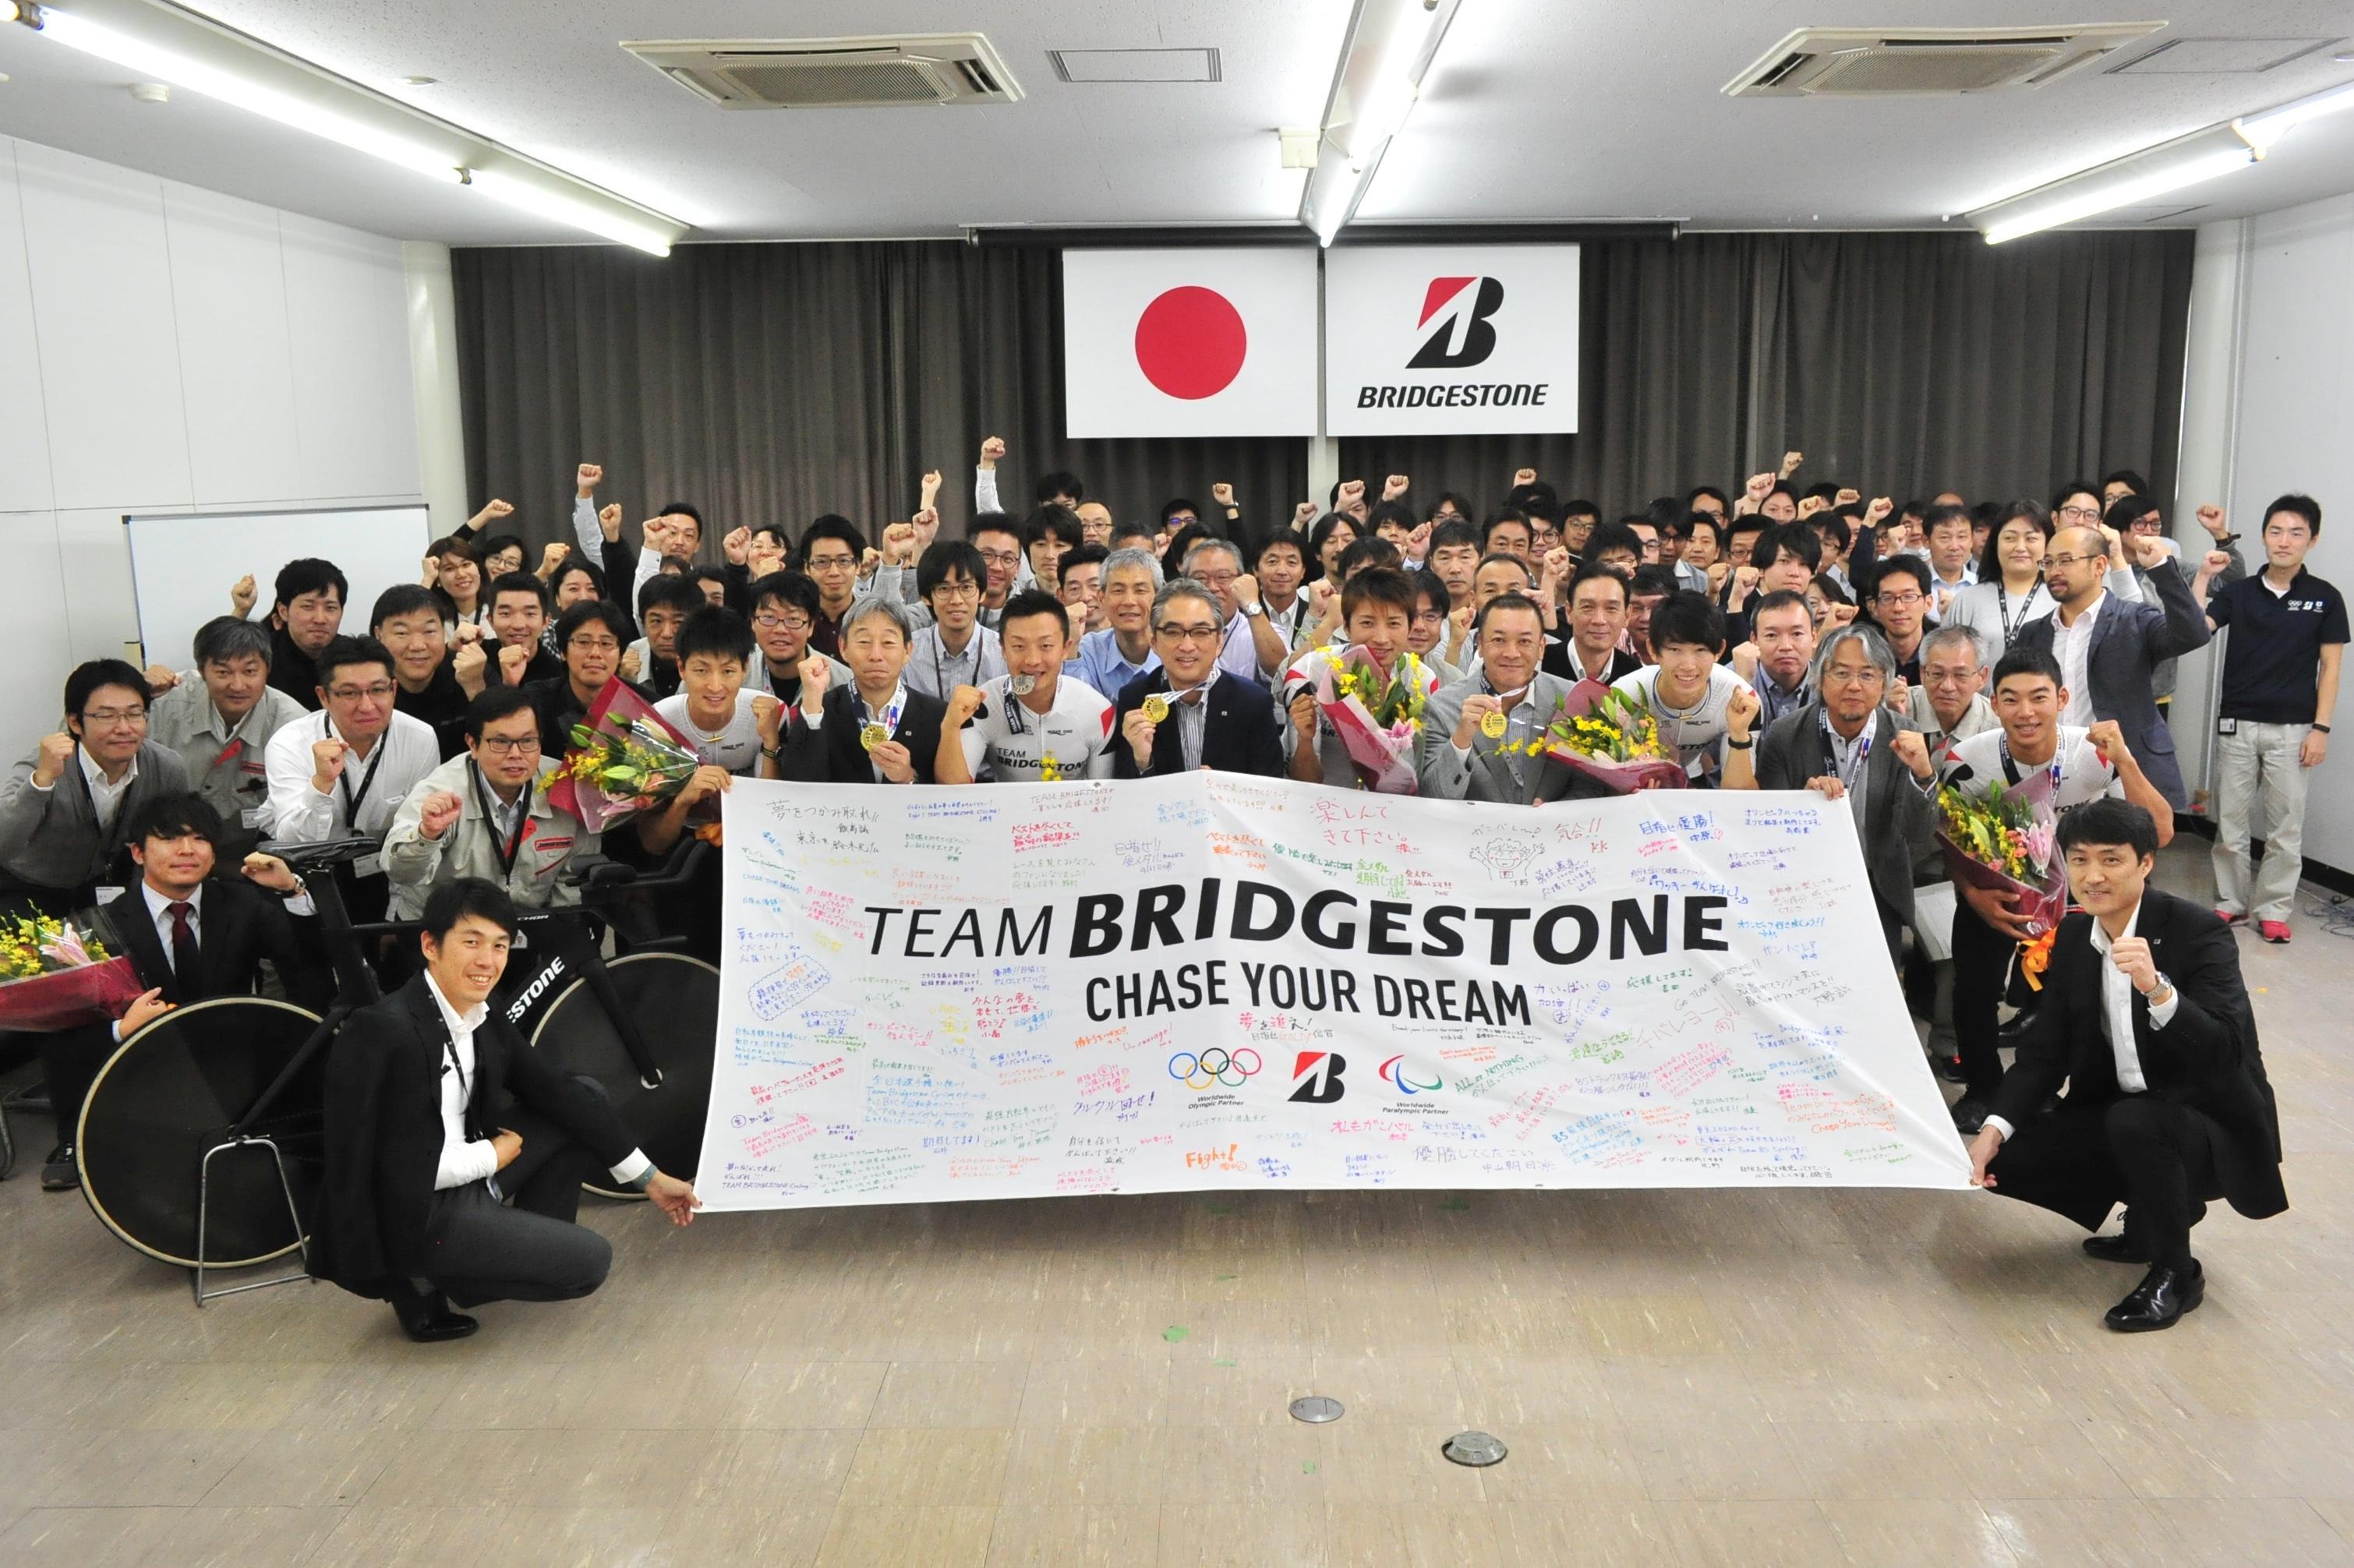 【2020アジア選選手権 報告会】勝利の報告と感謝の気持ちを伝える